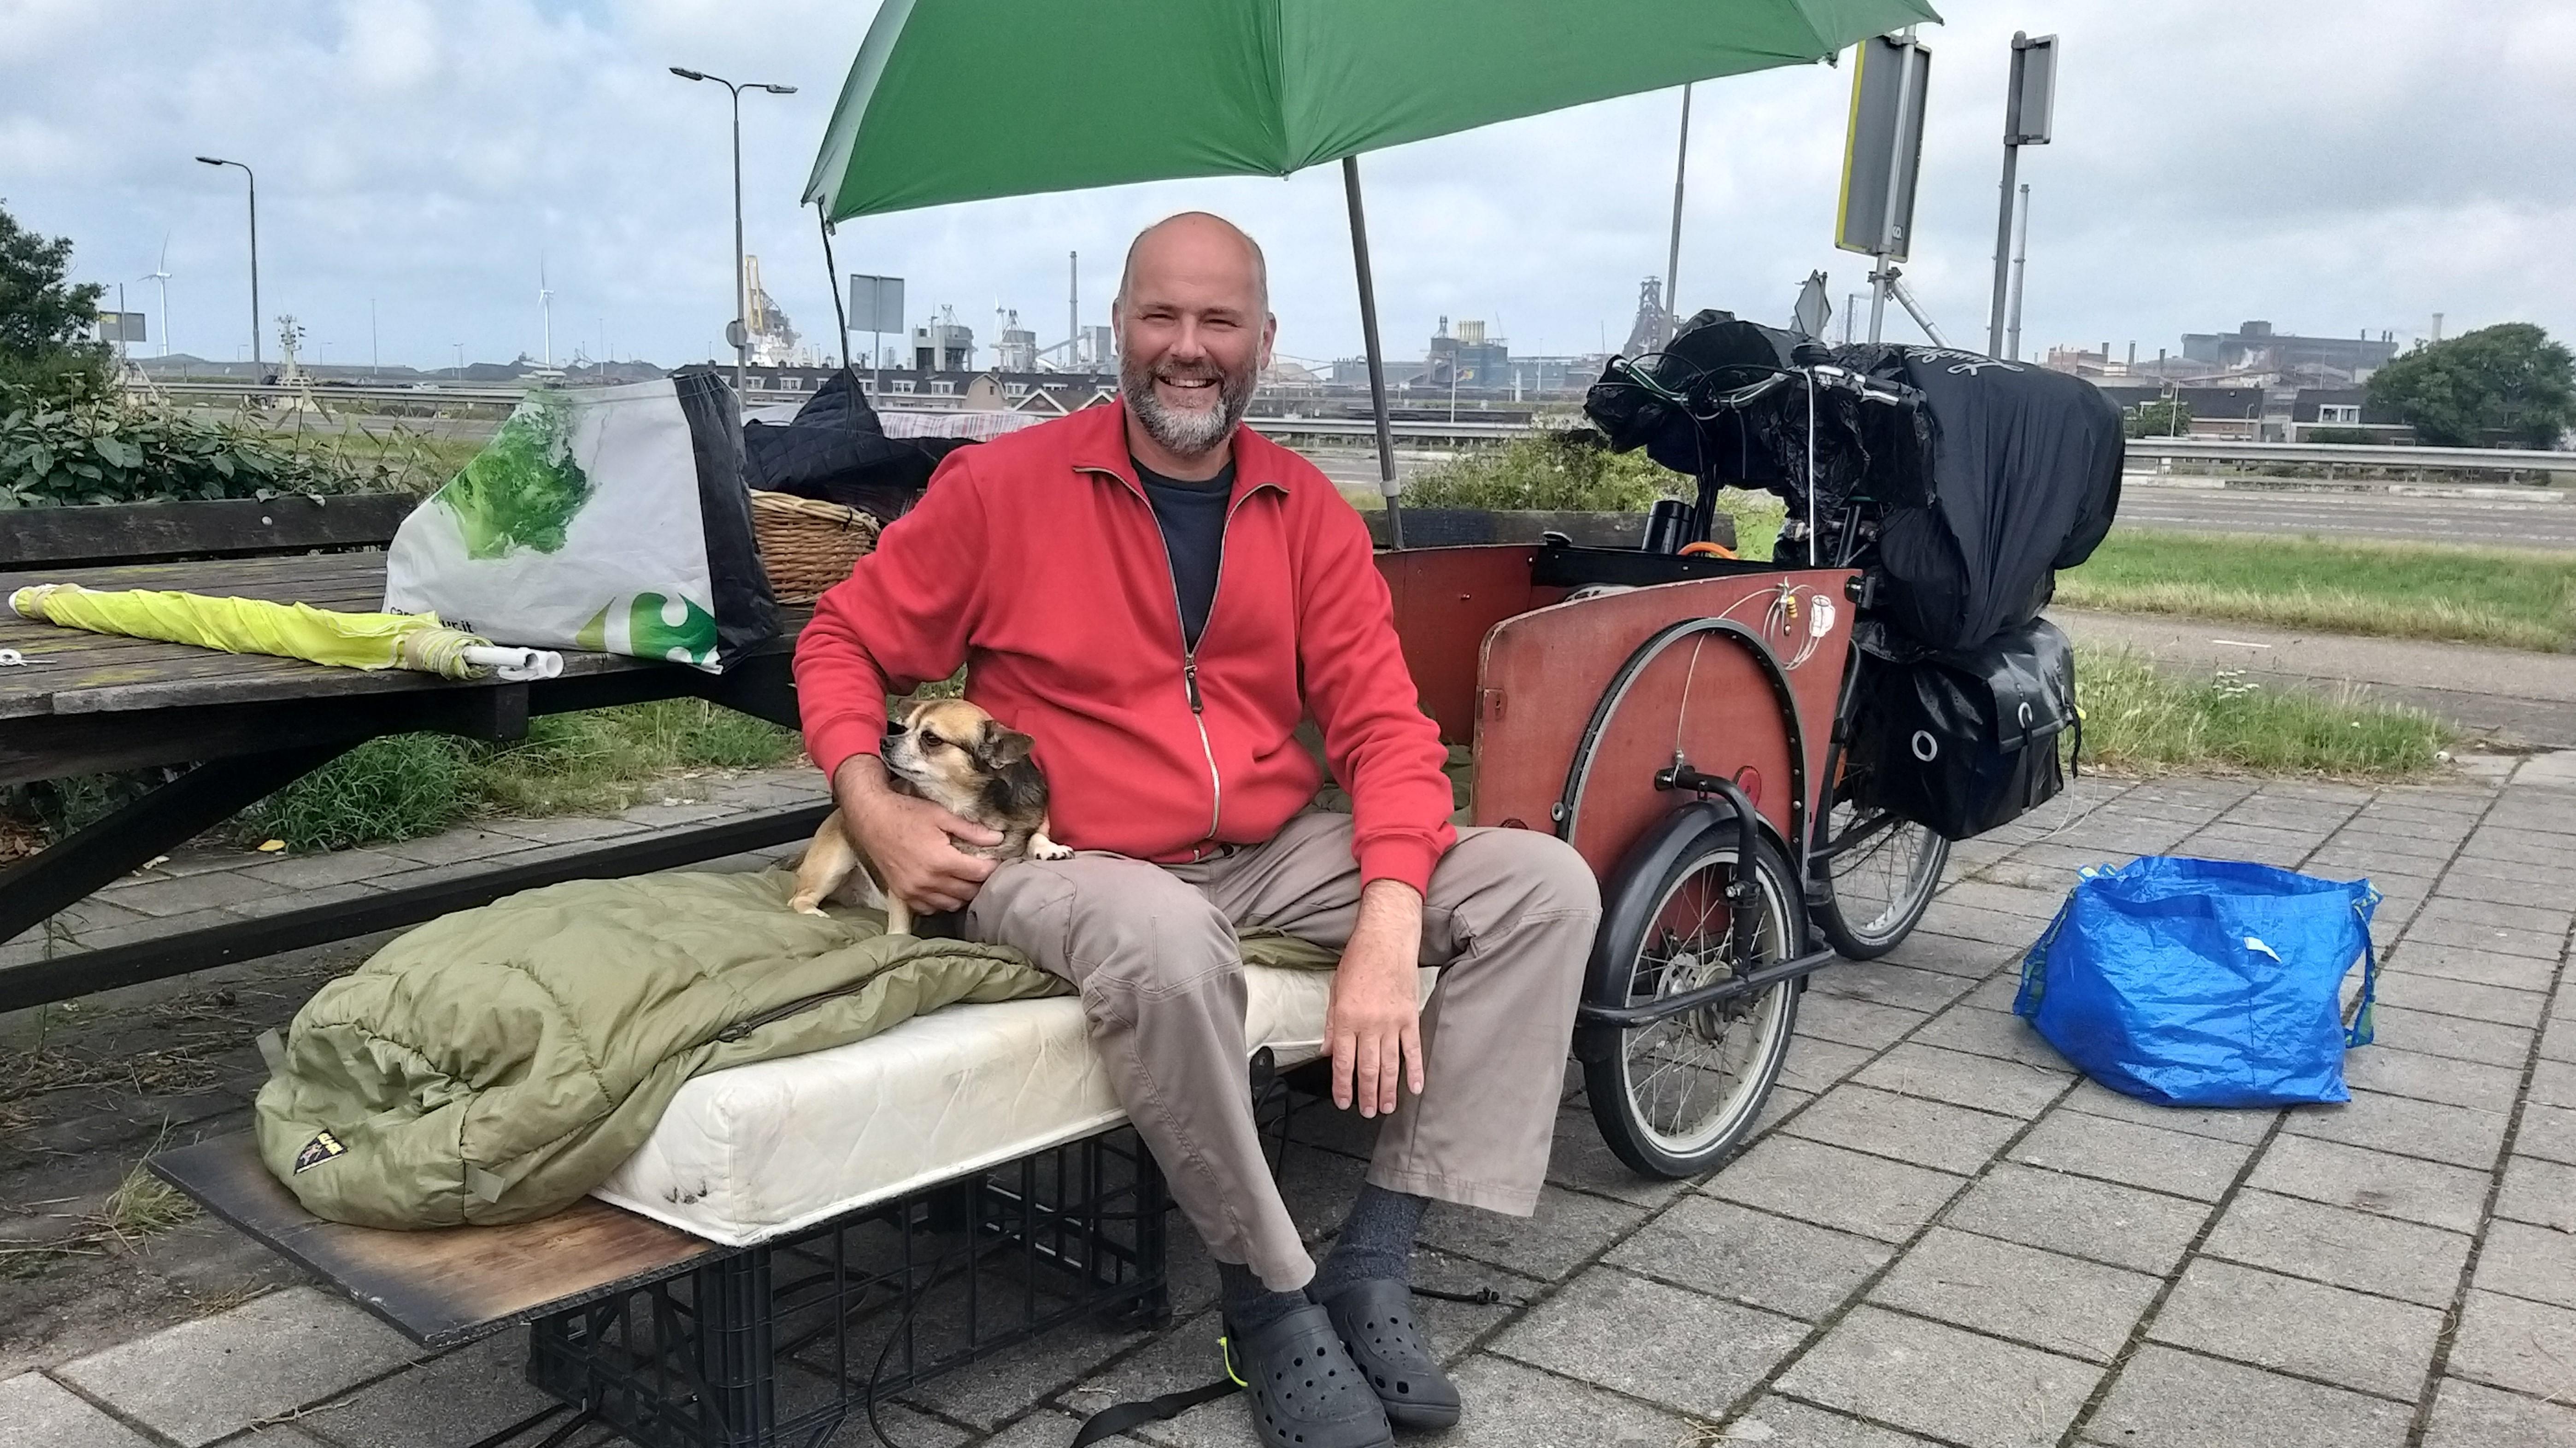 Kurt fietst met hondje Django vanuit Antwerpen naar IJmuiden op een omgebouwde bakfiets: 'Slapen doe ik in het bos'